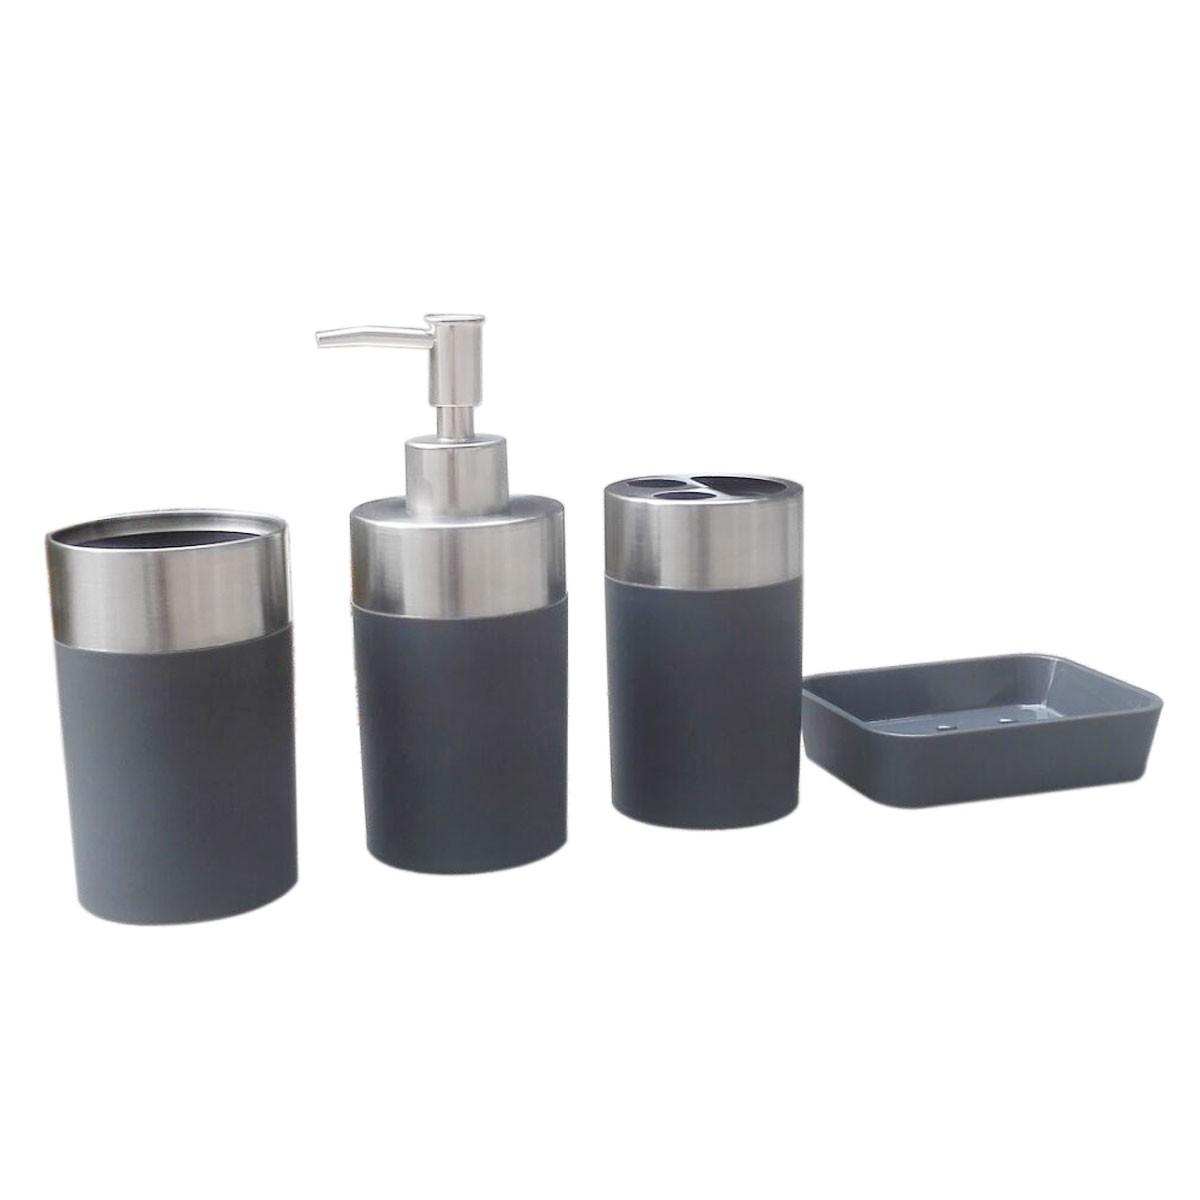 Set 4 accessoires salle de bain gris dk st021 for Accessoires lavabo salle bain